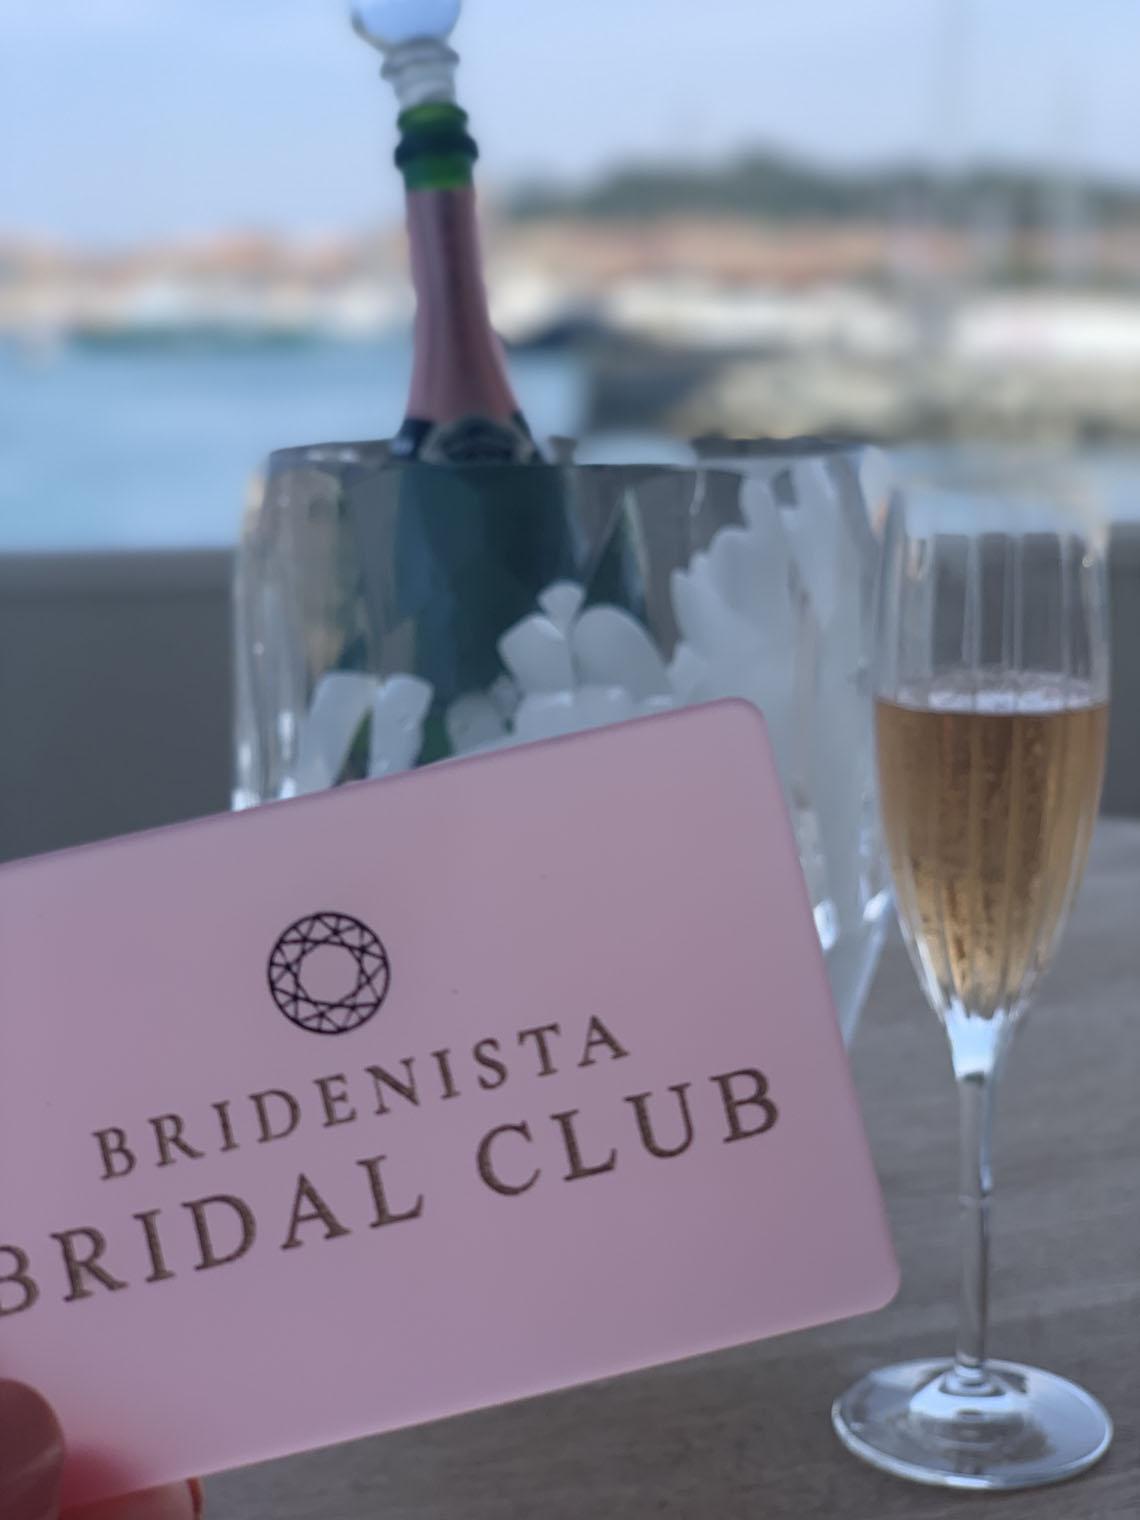 Medlemskort til Bridenista Bridal Club foran champagne flaske